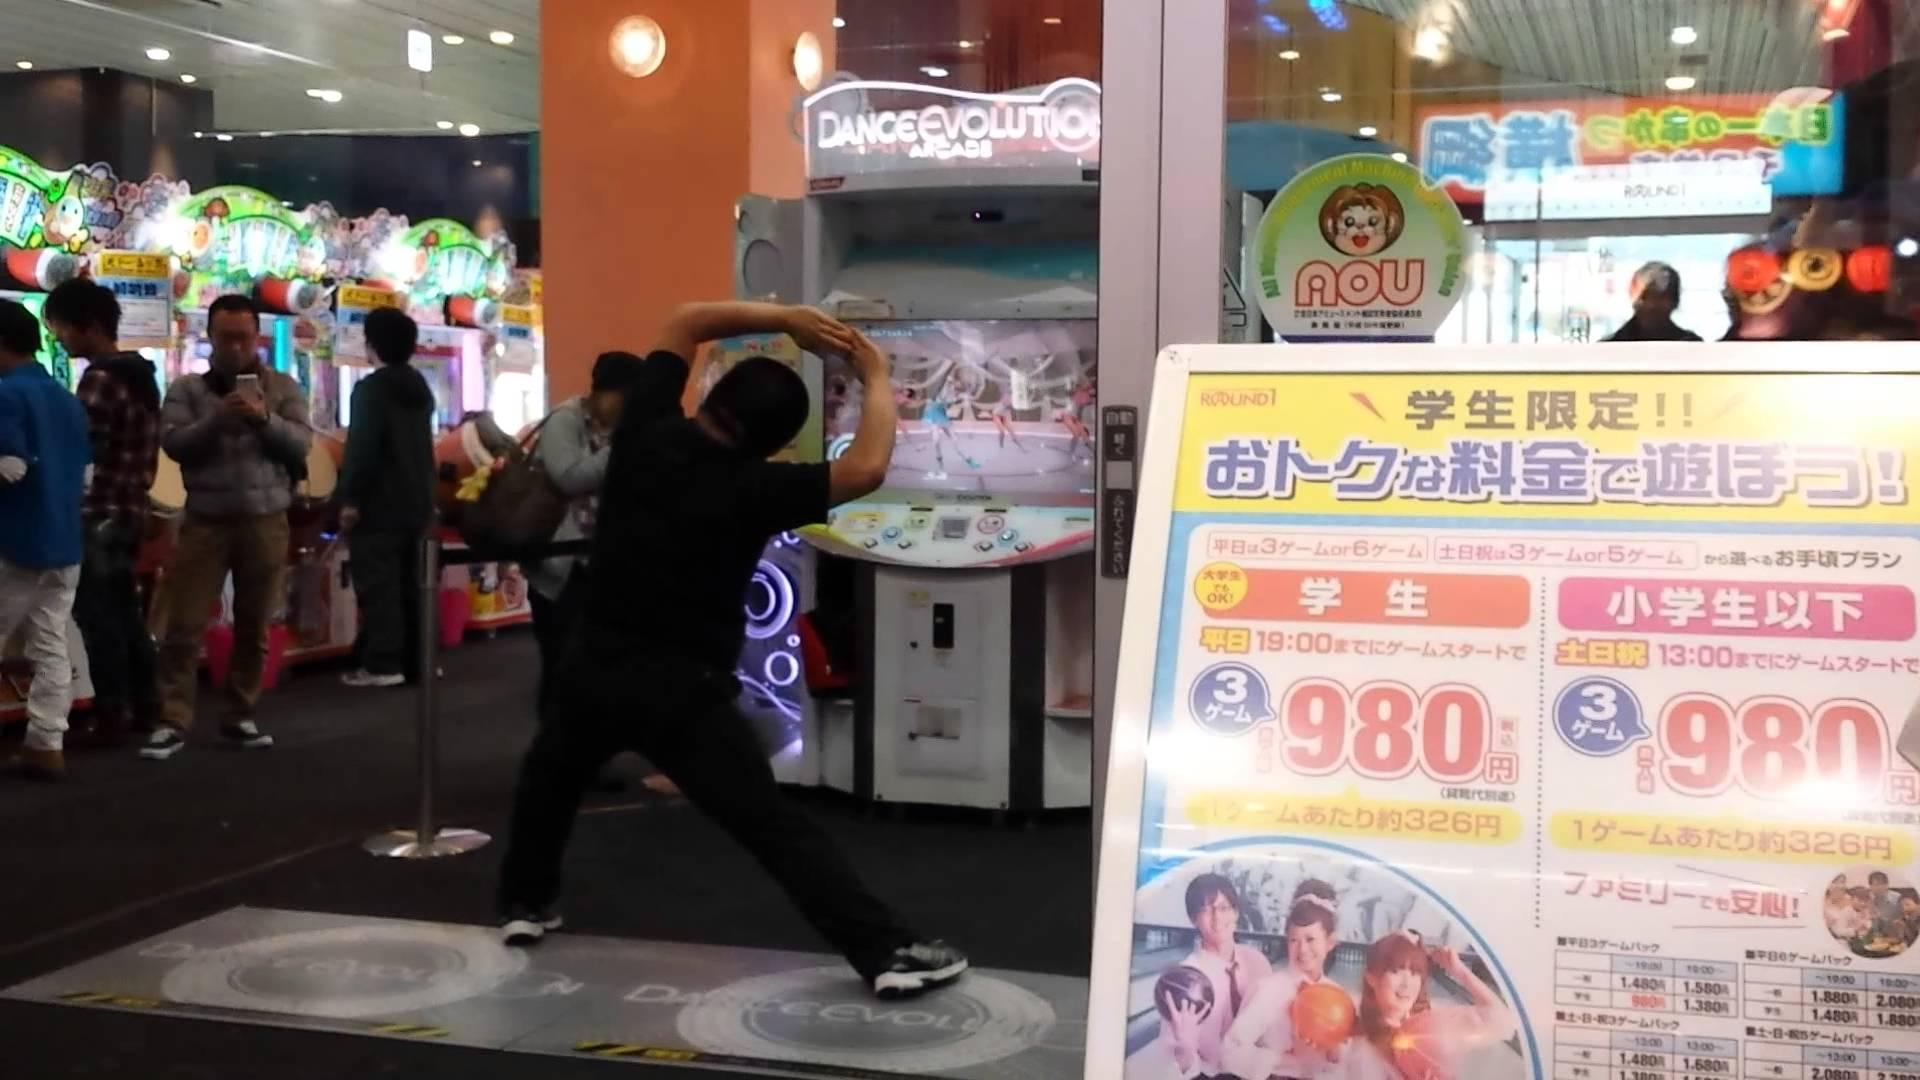 ダンエボの神動画!ダンス上手すぎ~